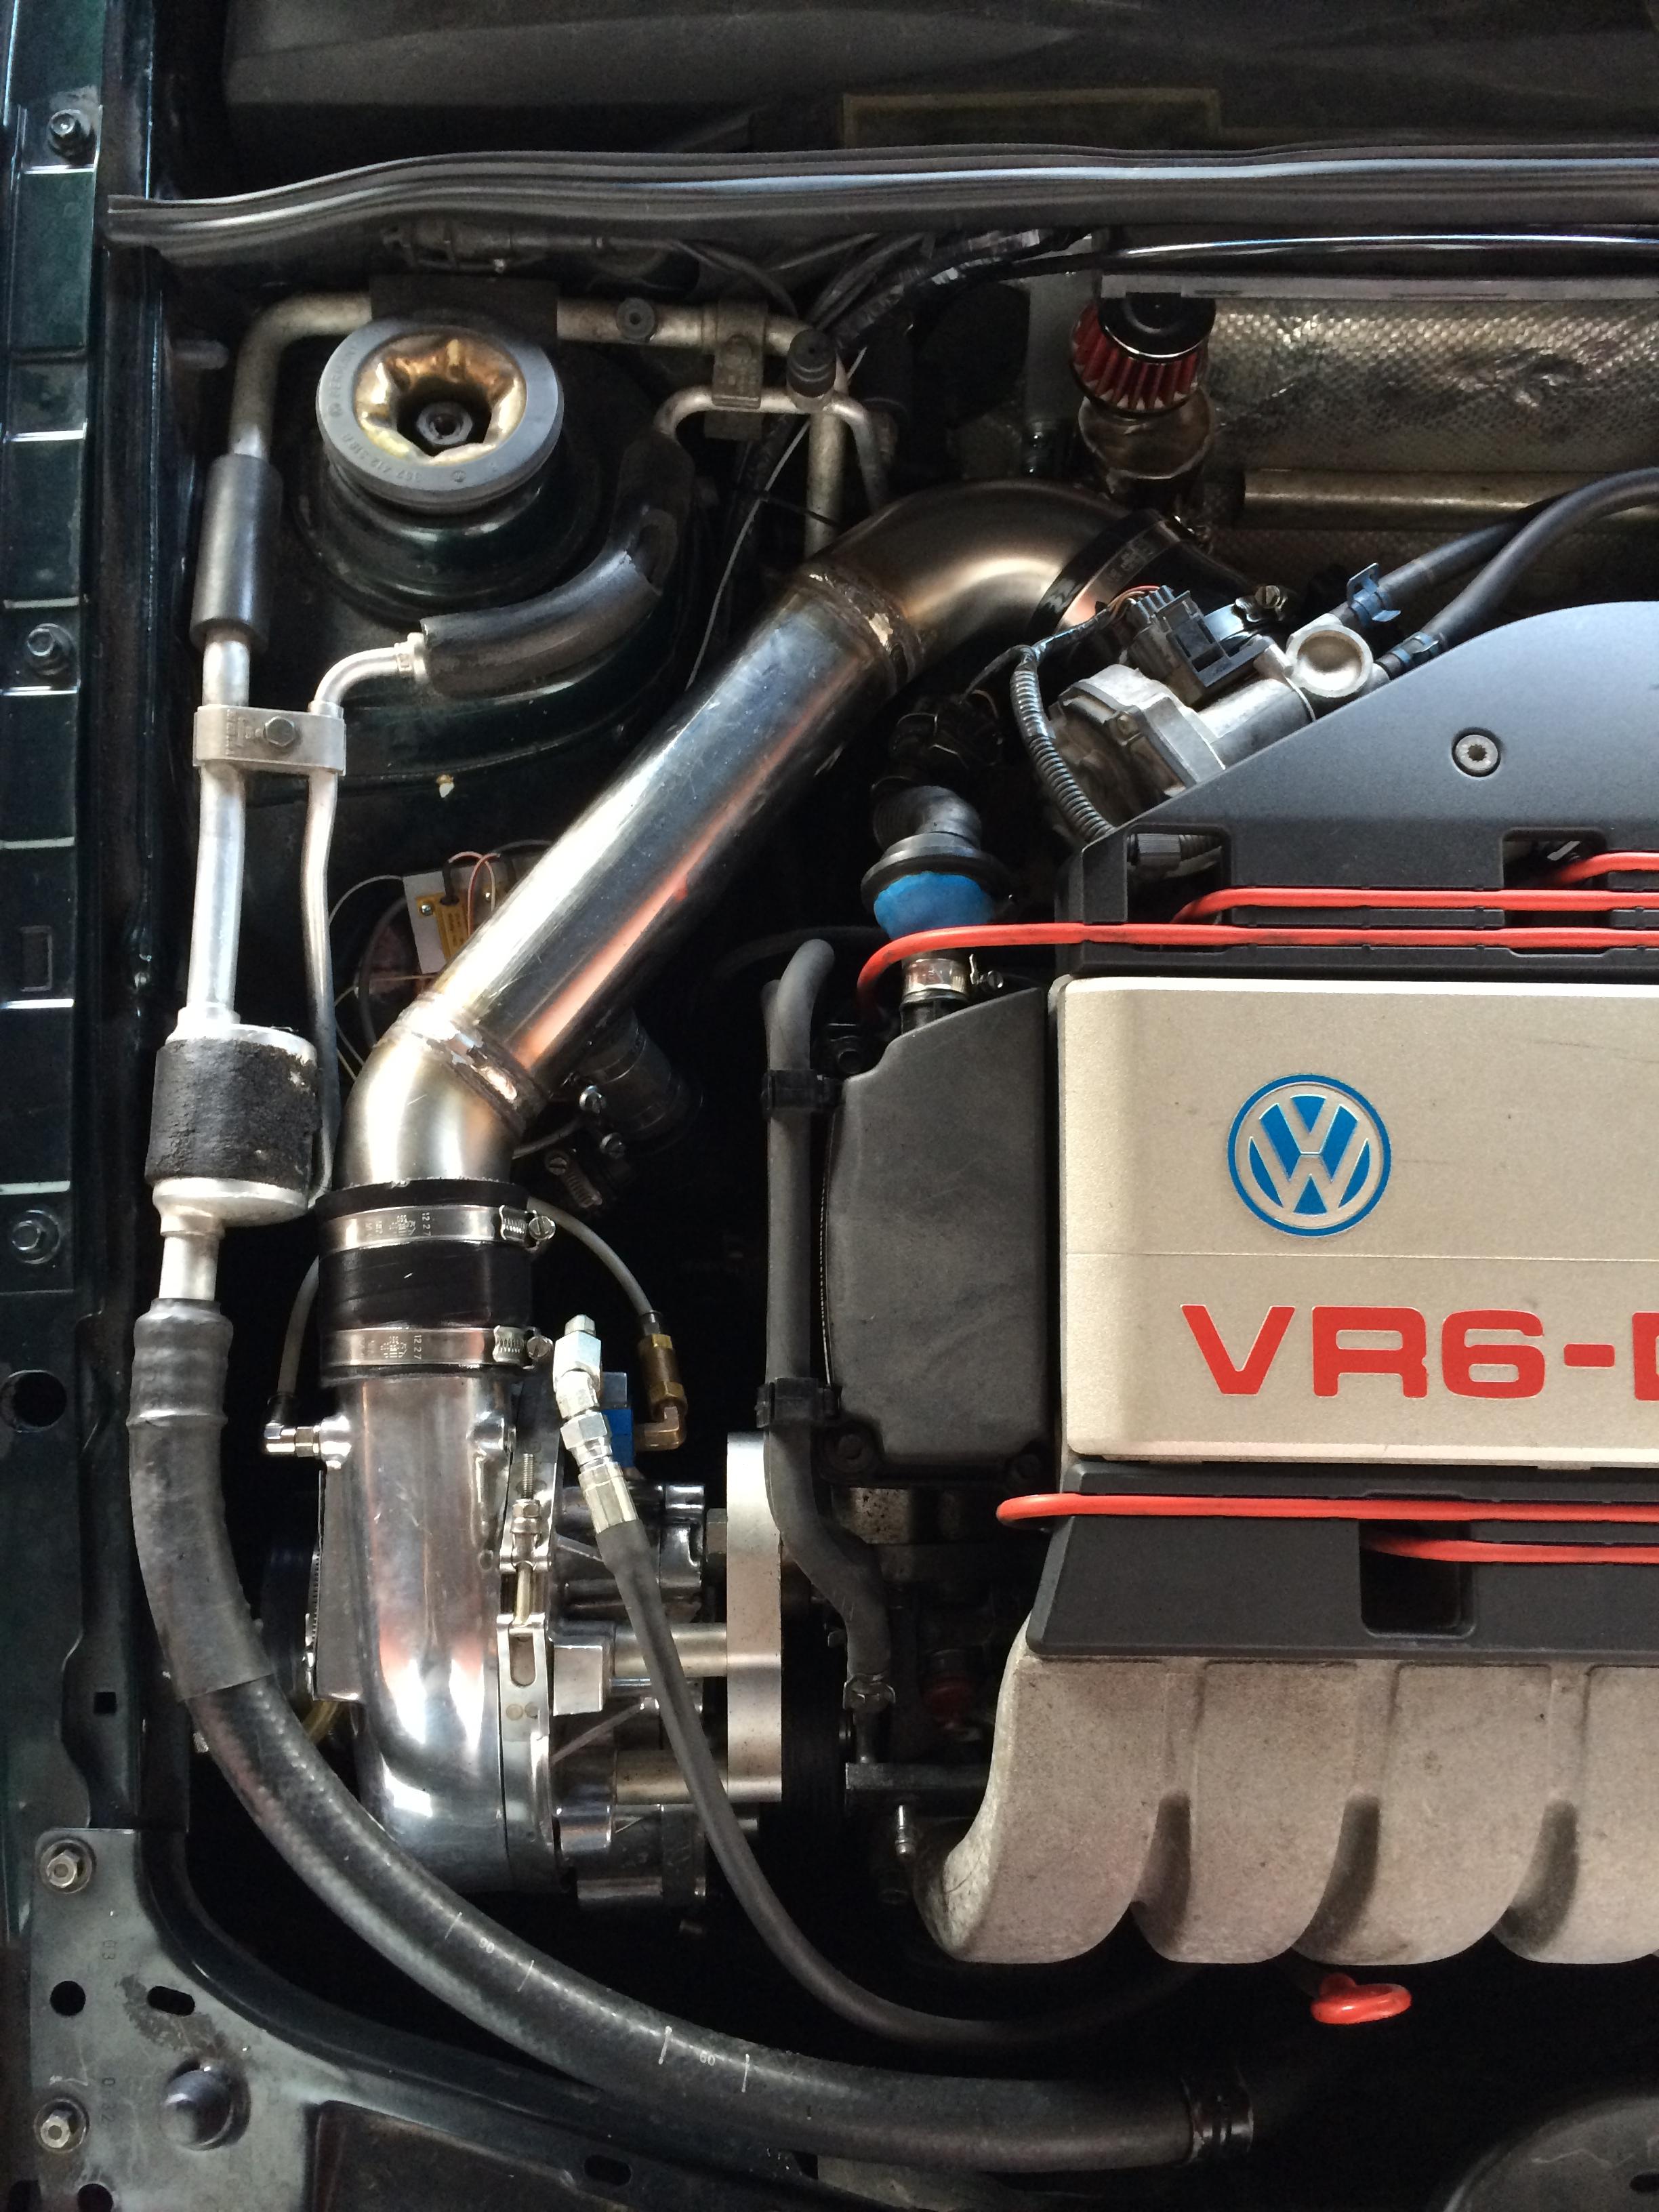 viva: Passat variant VR6s Kuva%204